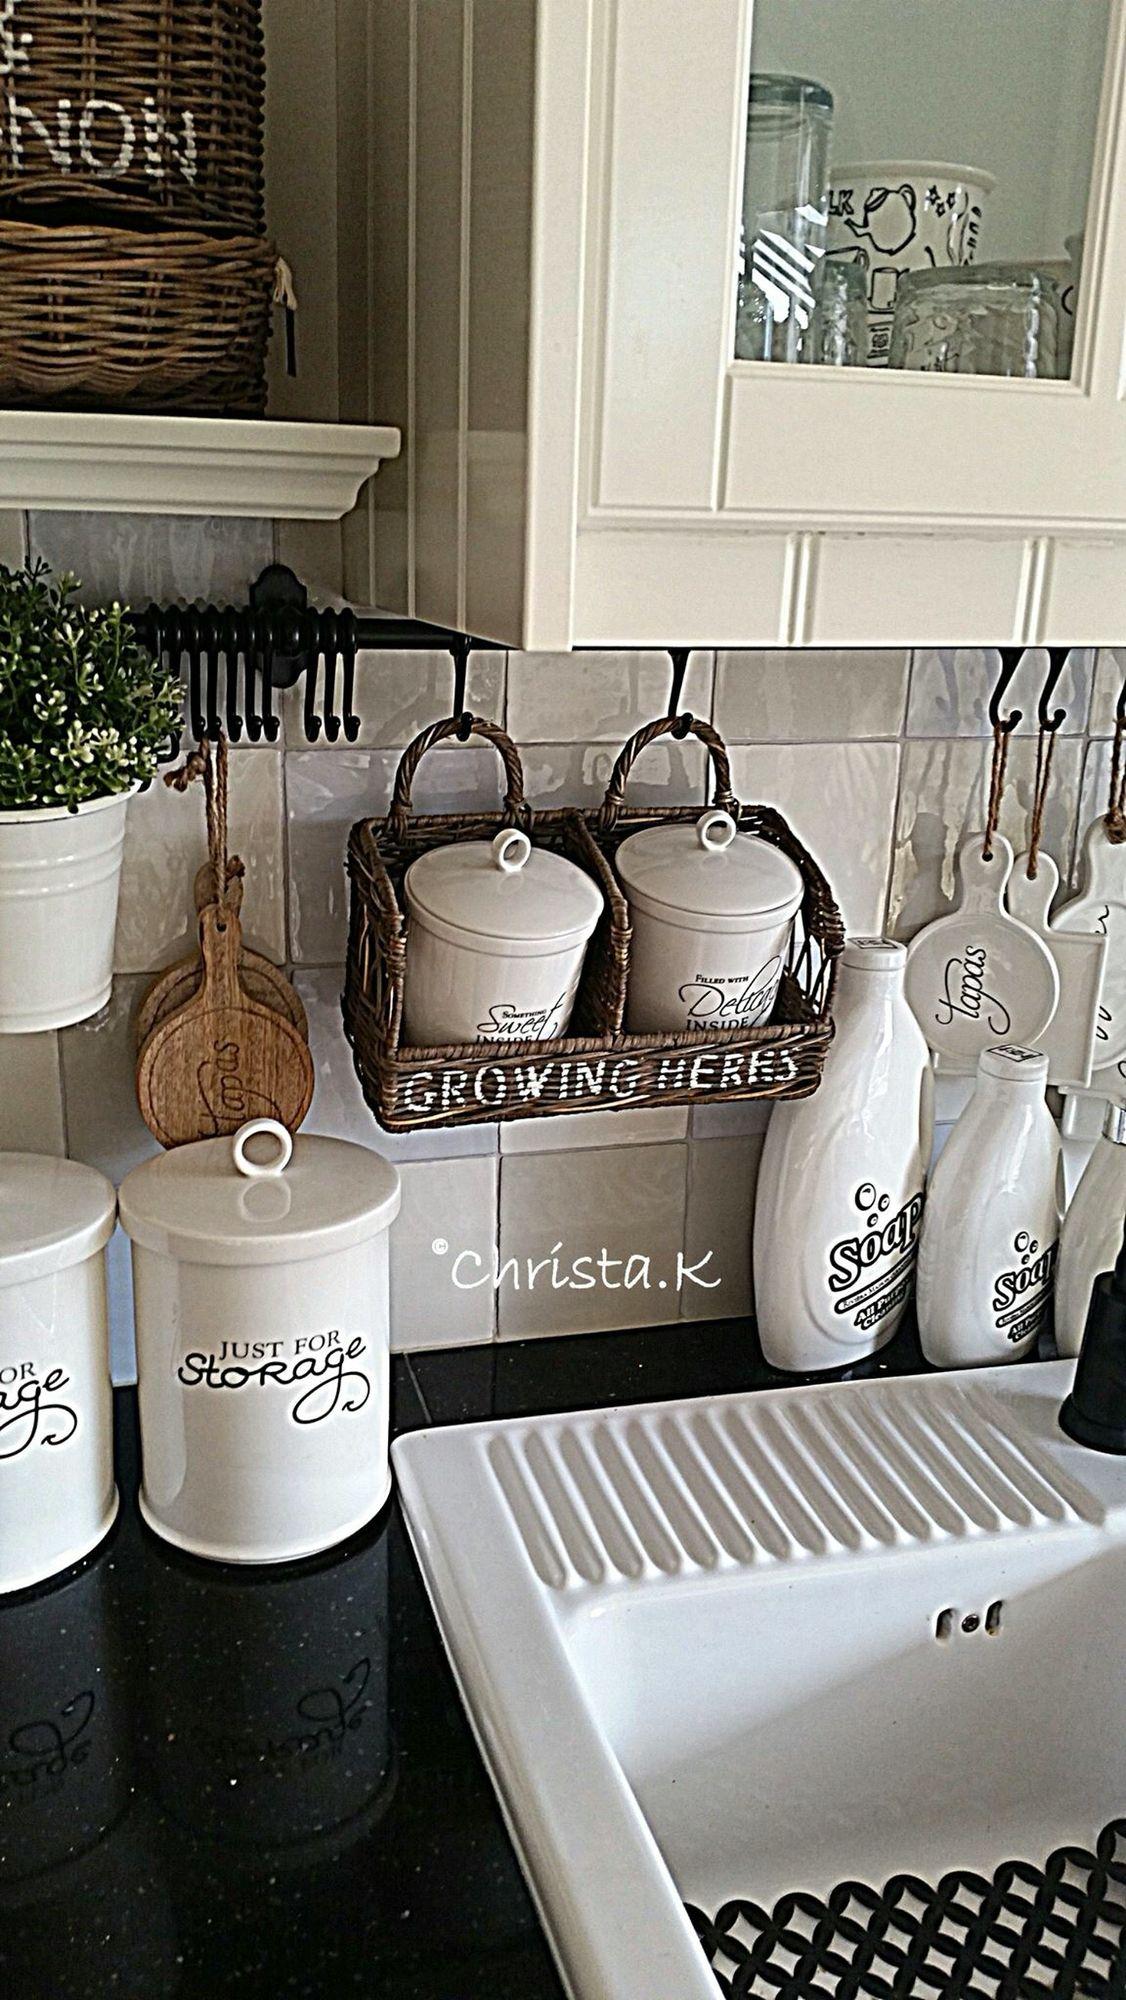 Landelijke Keuken Spulletjes Keuken Decoratie Keuken Inrichting Keuken